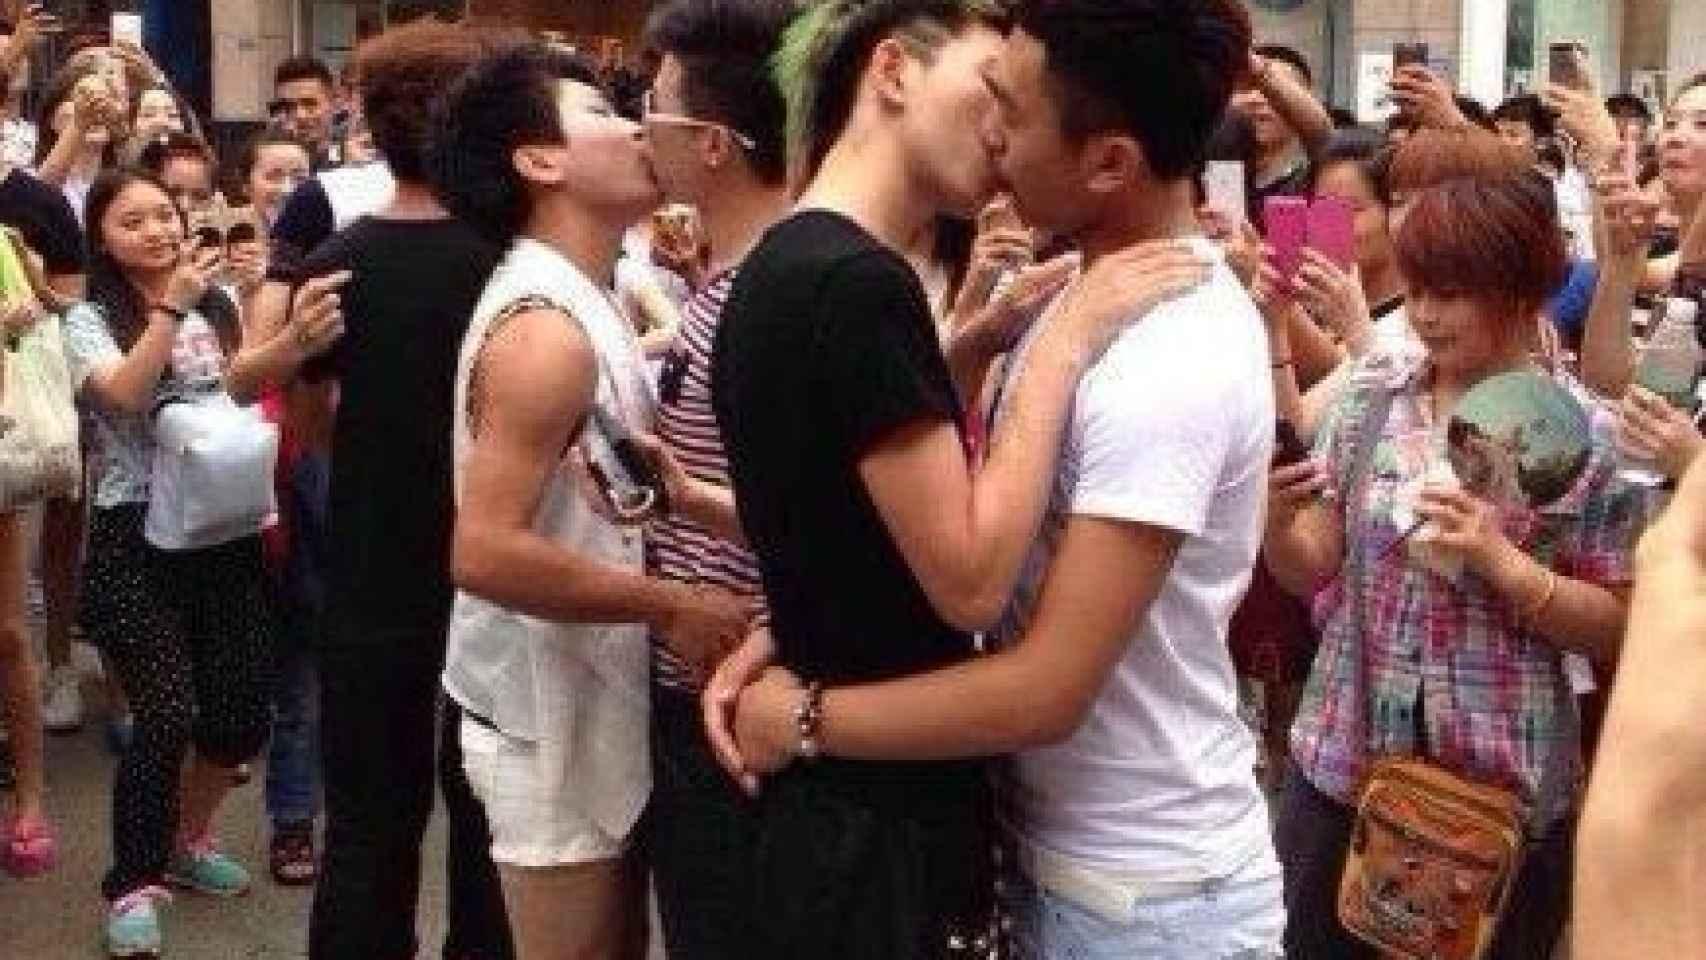 Parejas participando en la Competición Gay de besos en Chengdu, China.